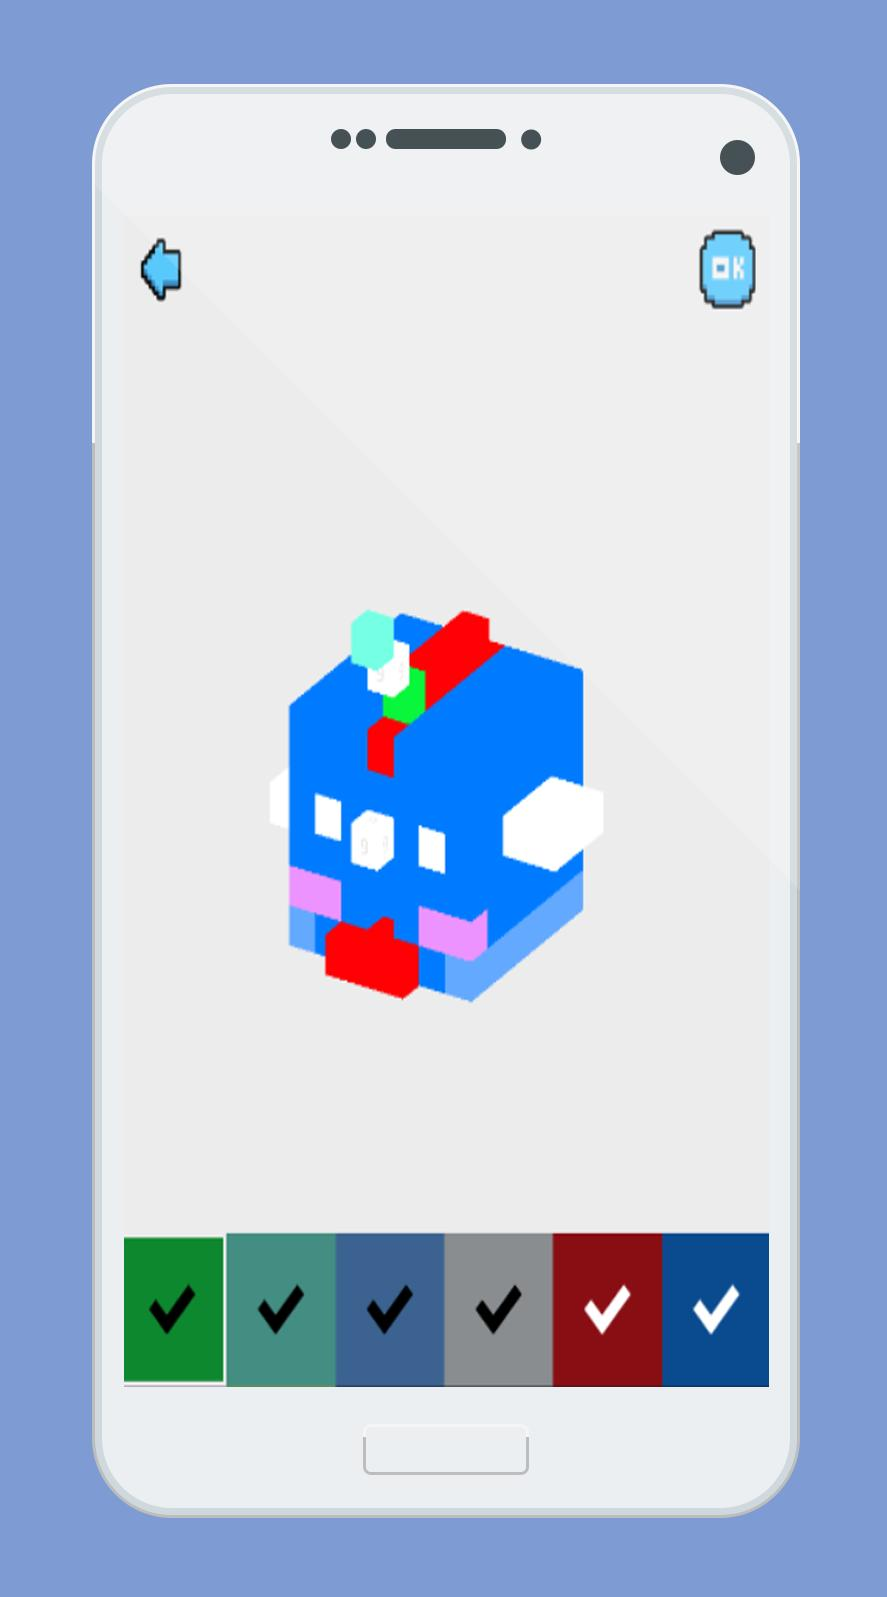 раскраска по номерам десертов персонажей пиксель для андроид